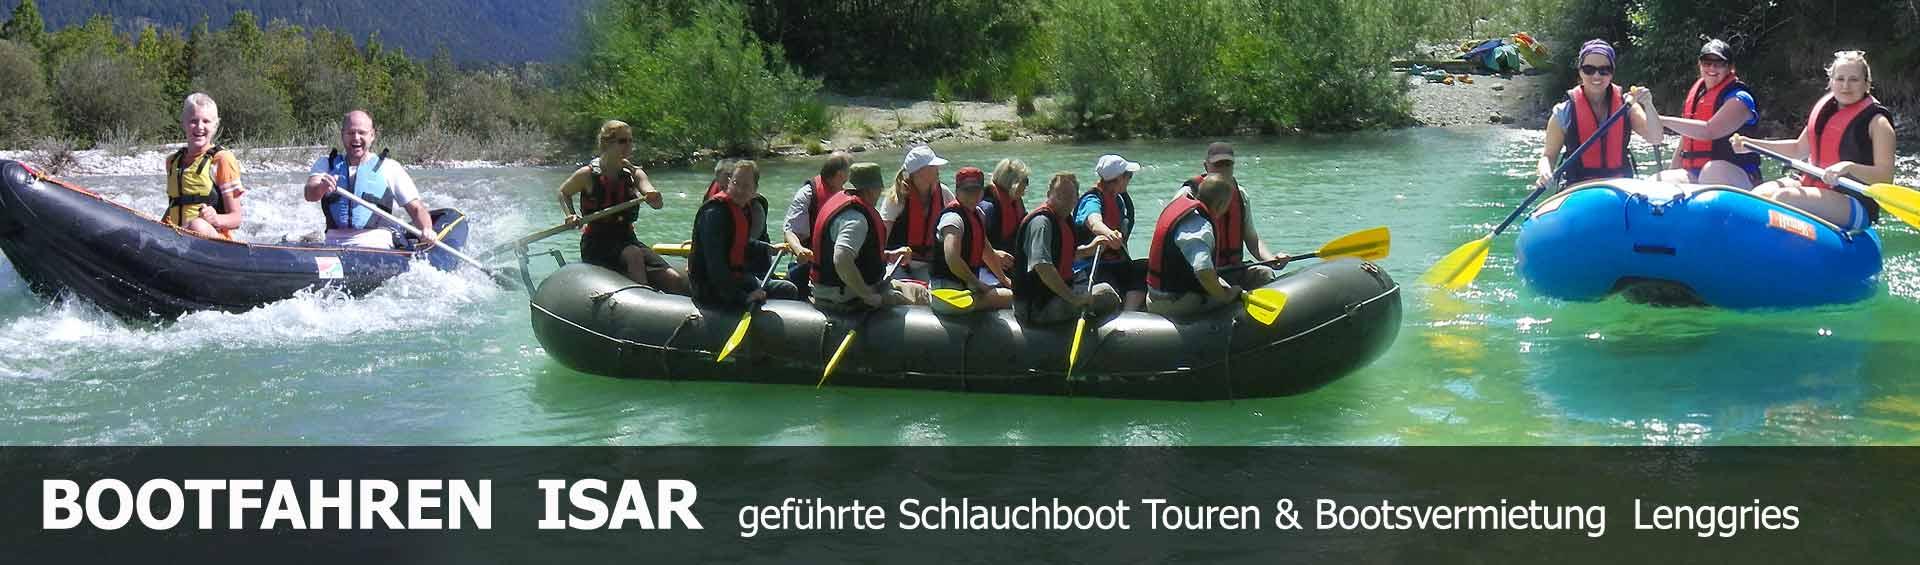 Organisierte Bootstouren Isar Schlauchboot fahren in Bayern, Lenggries München